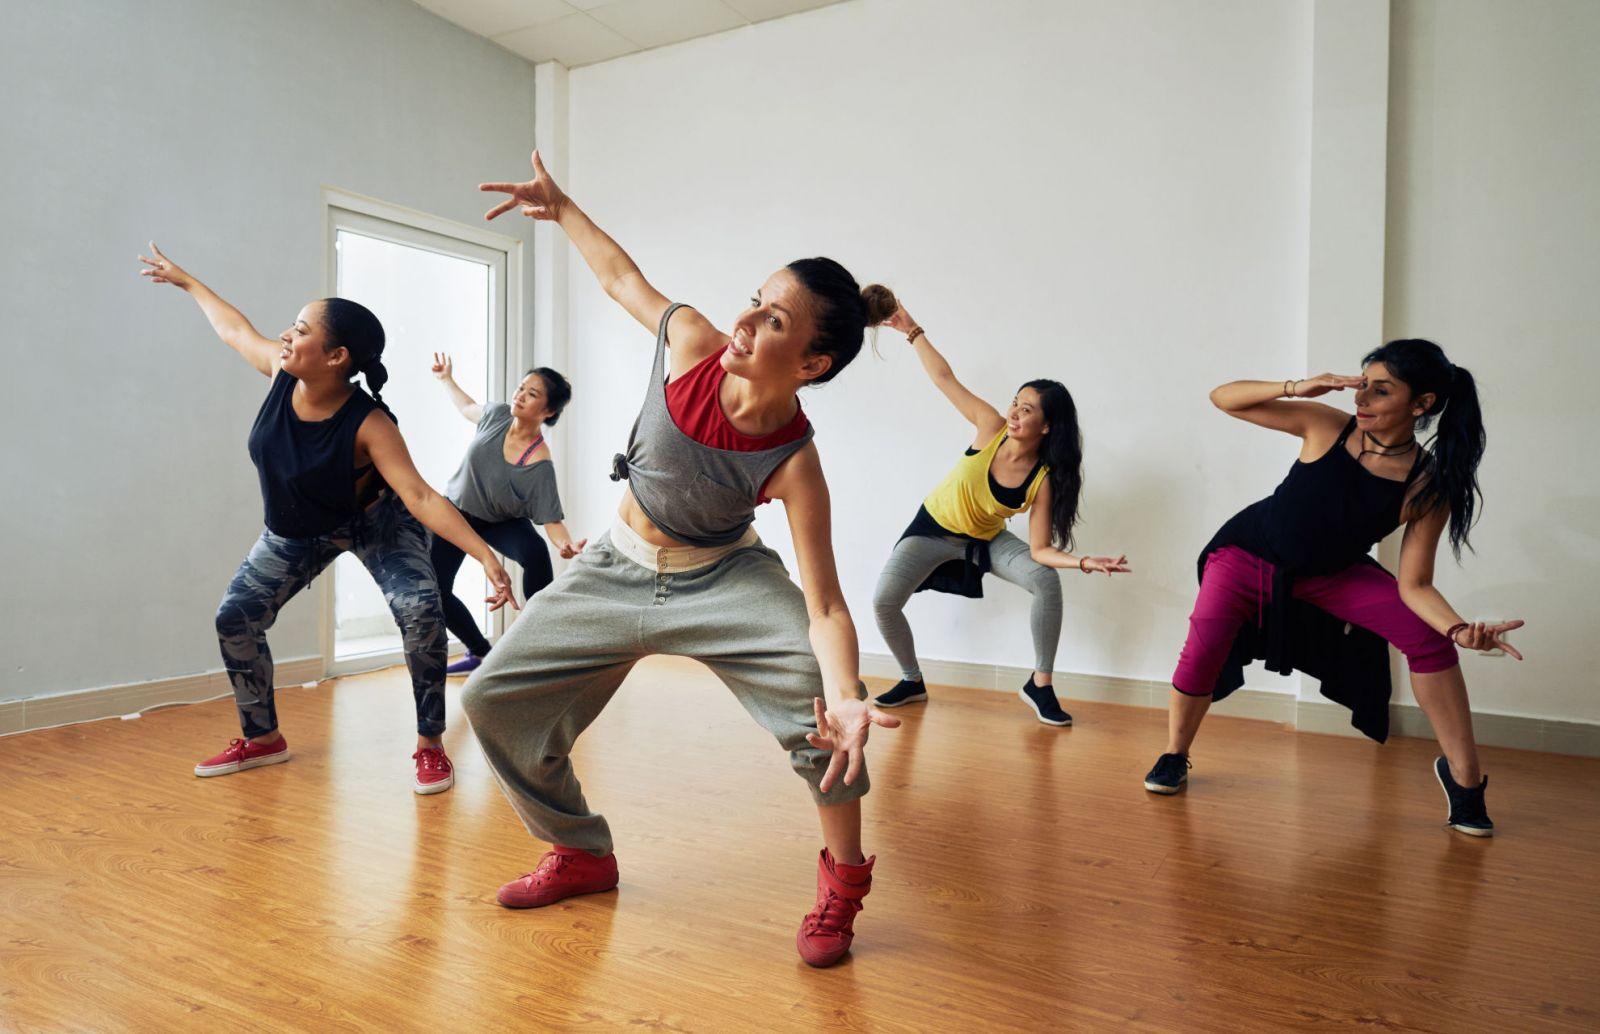 Em parceria com a Impactto, professora Sabrina Pereira irá oferecer aulas gratuitas de dança!